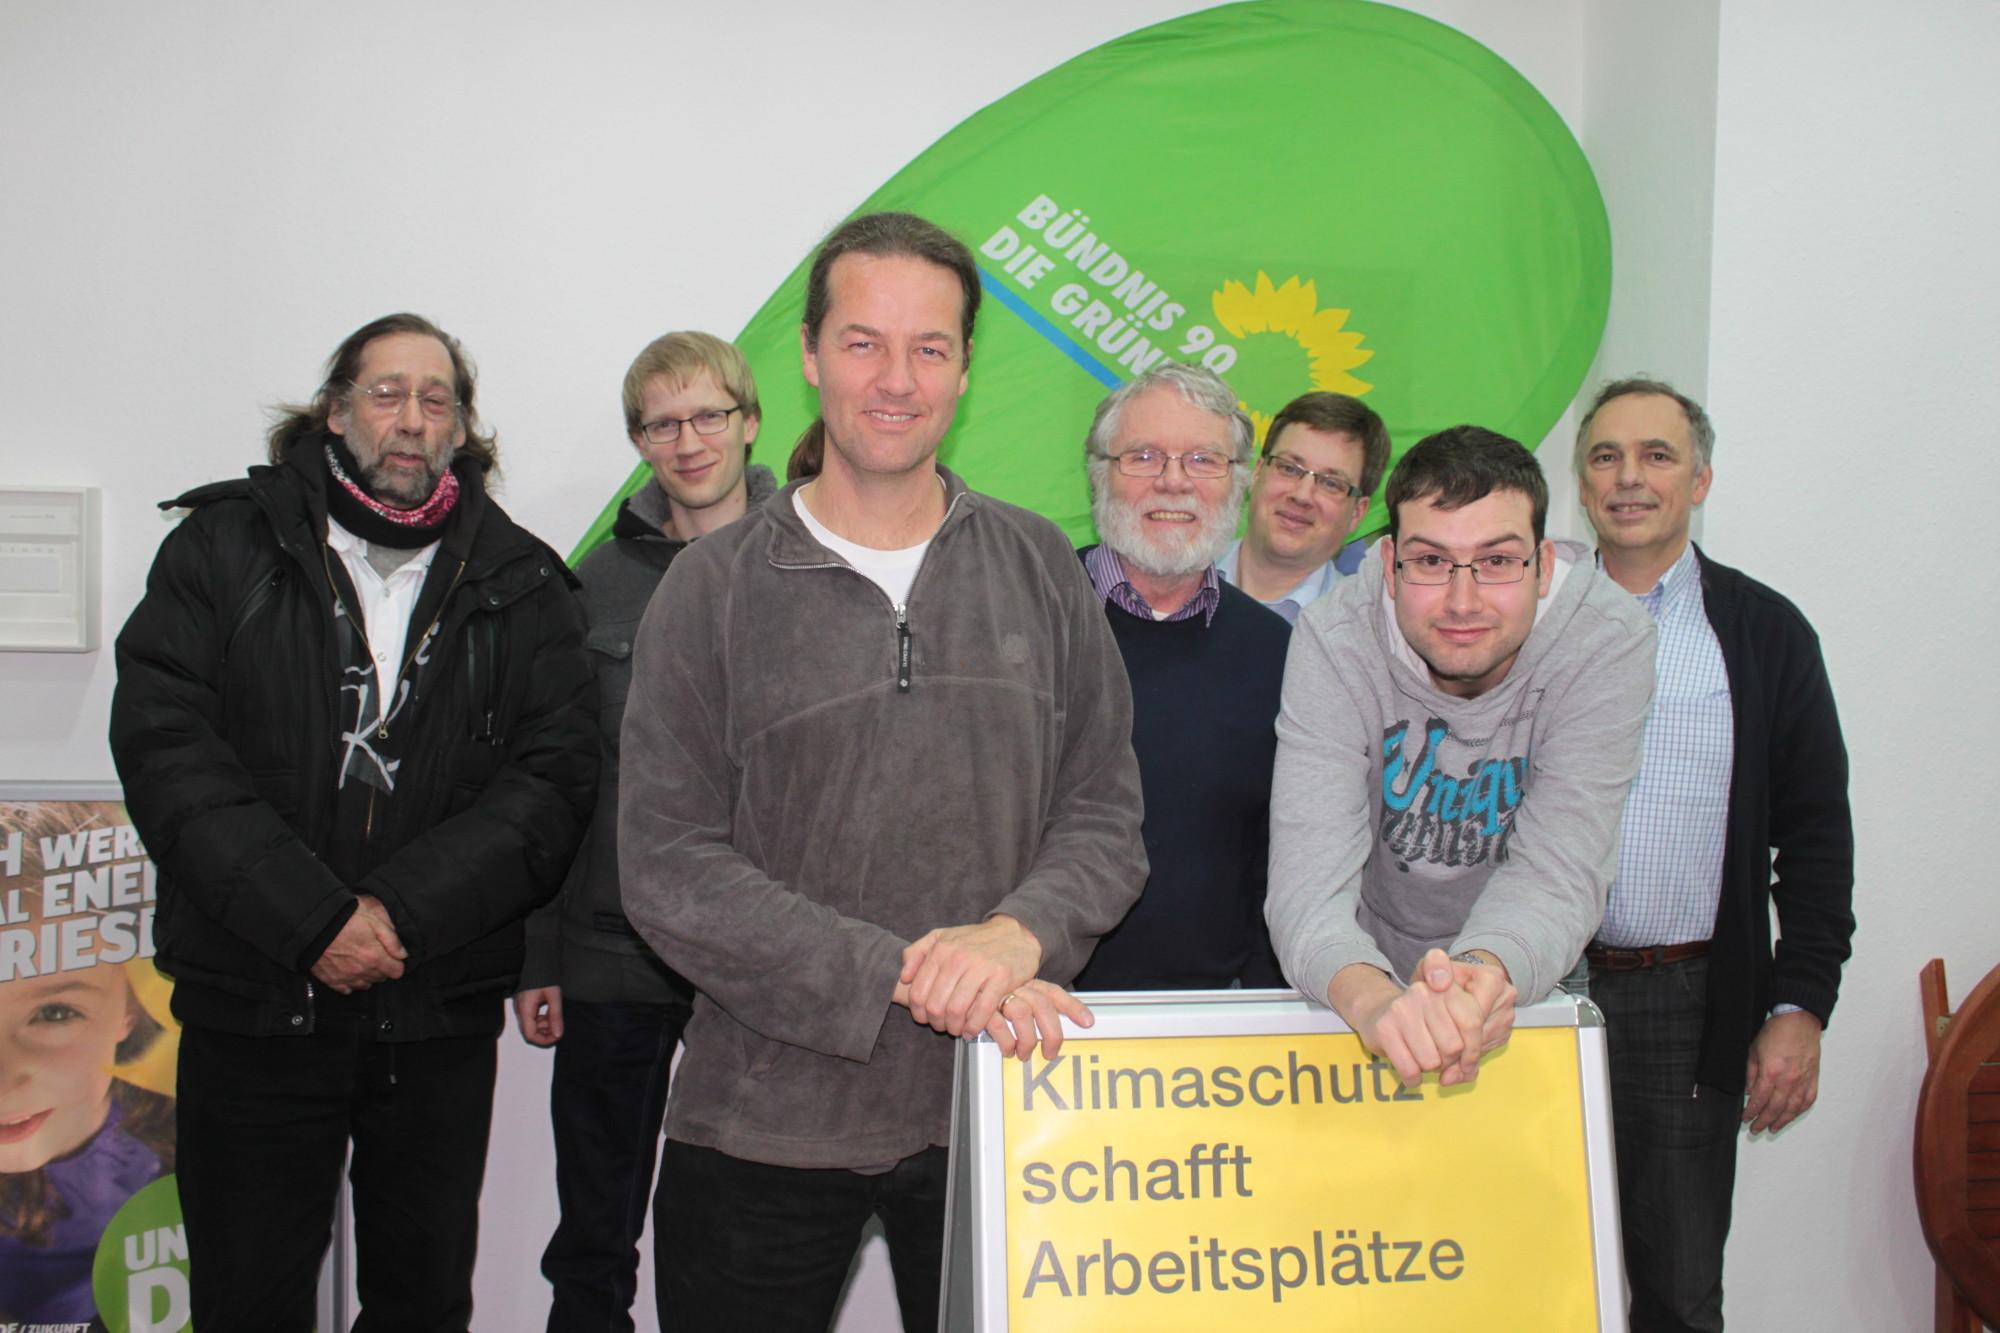 vorne v.l.: Hermann Stubbe, Joost Sträter, Sven Steinsträter